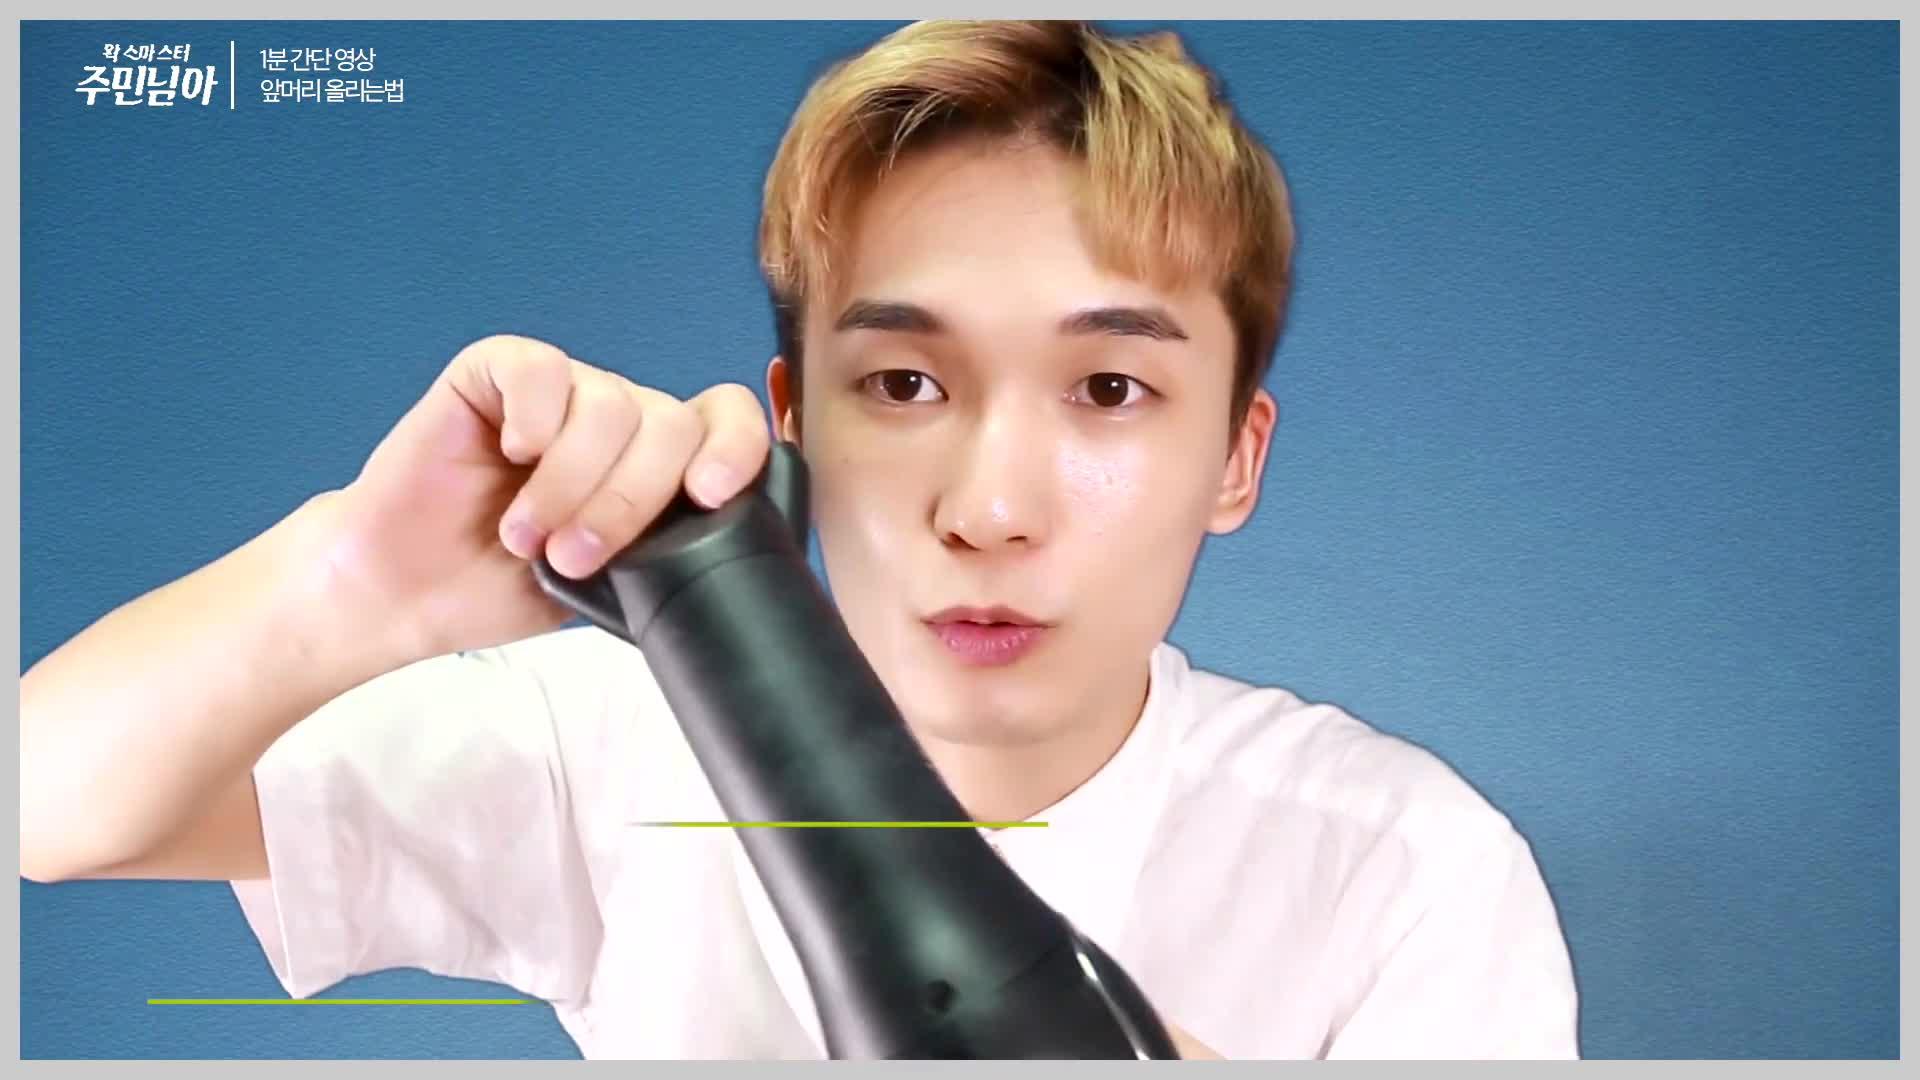 [1분팁] 남자 앞머리 드라이로 세우기 & 세우는법 동영상강좌